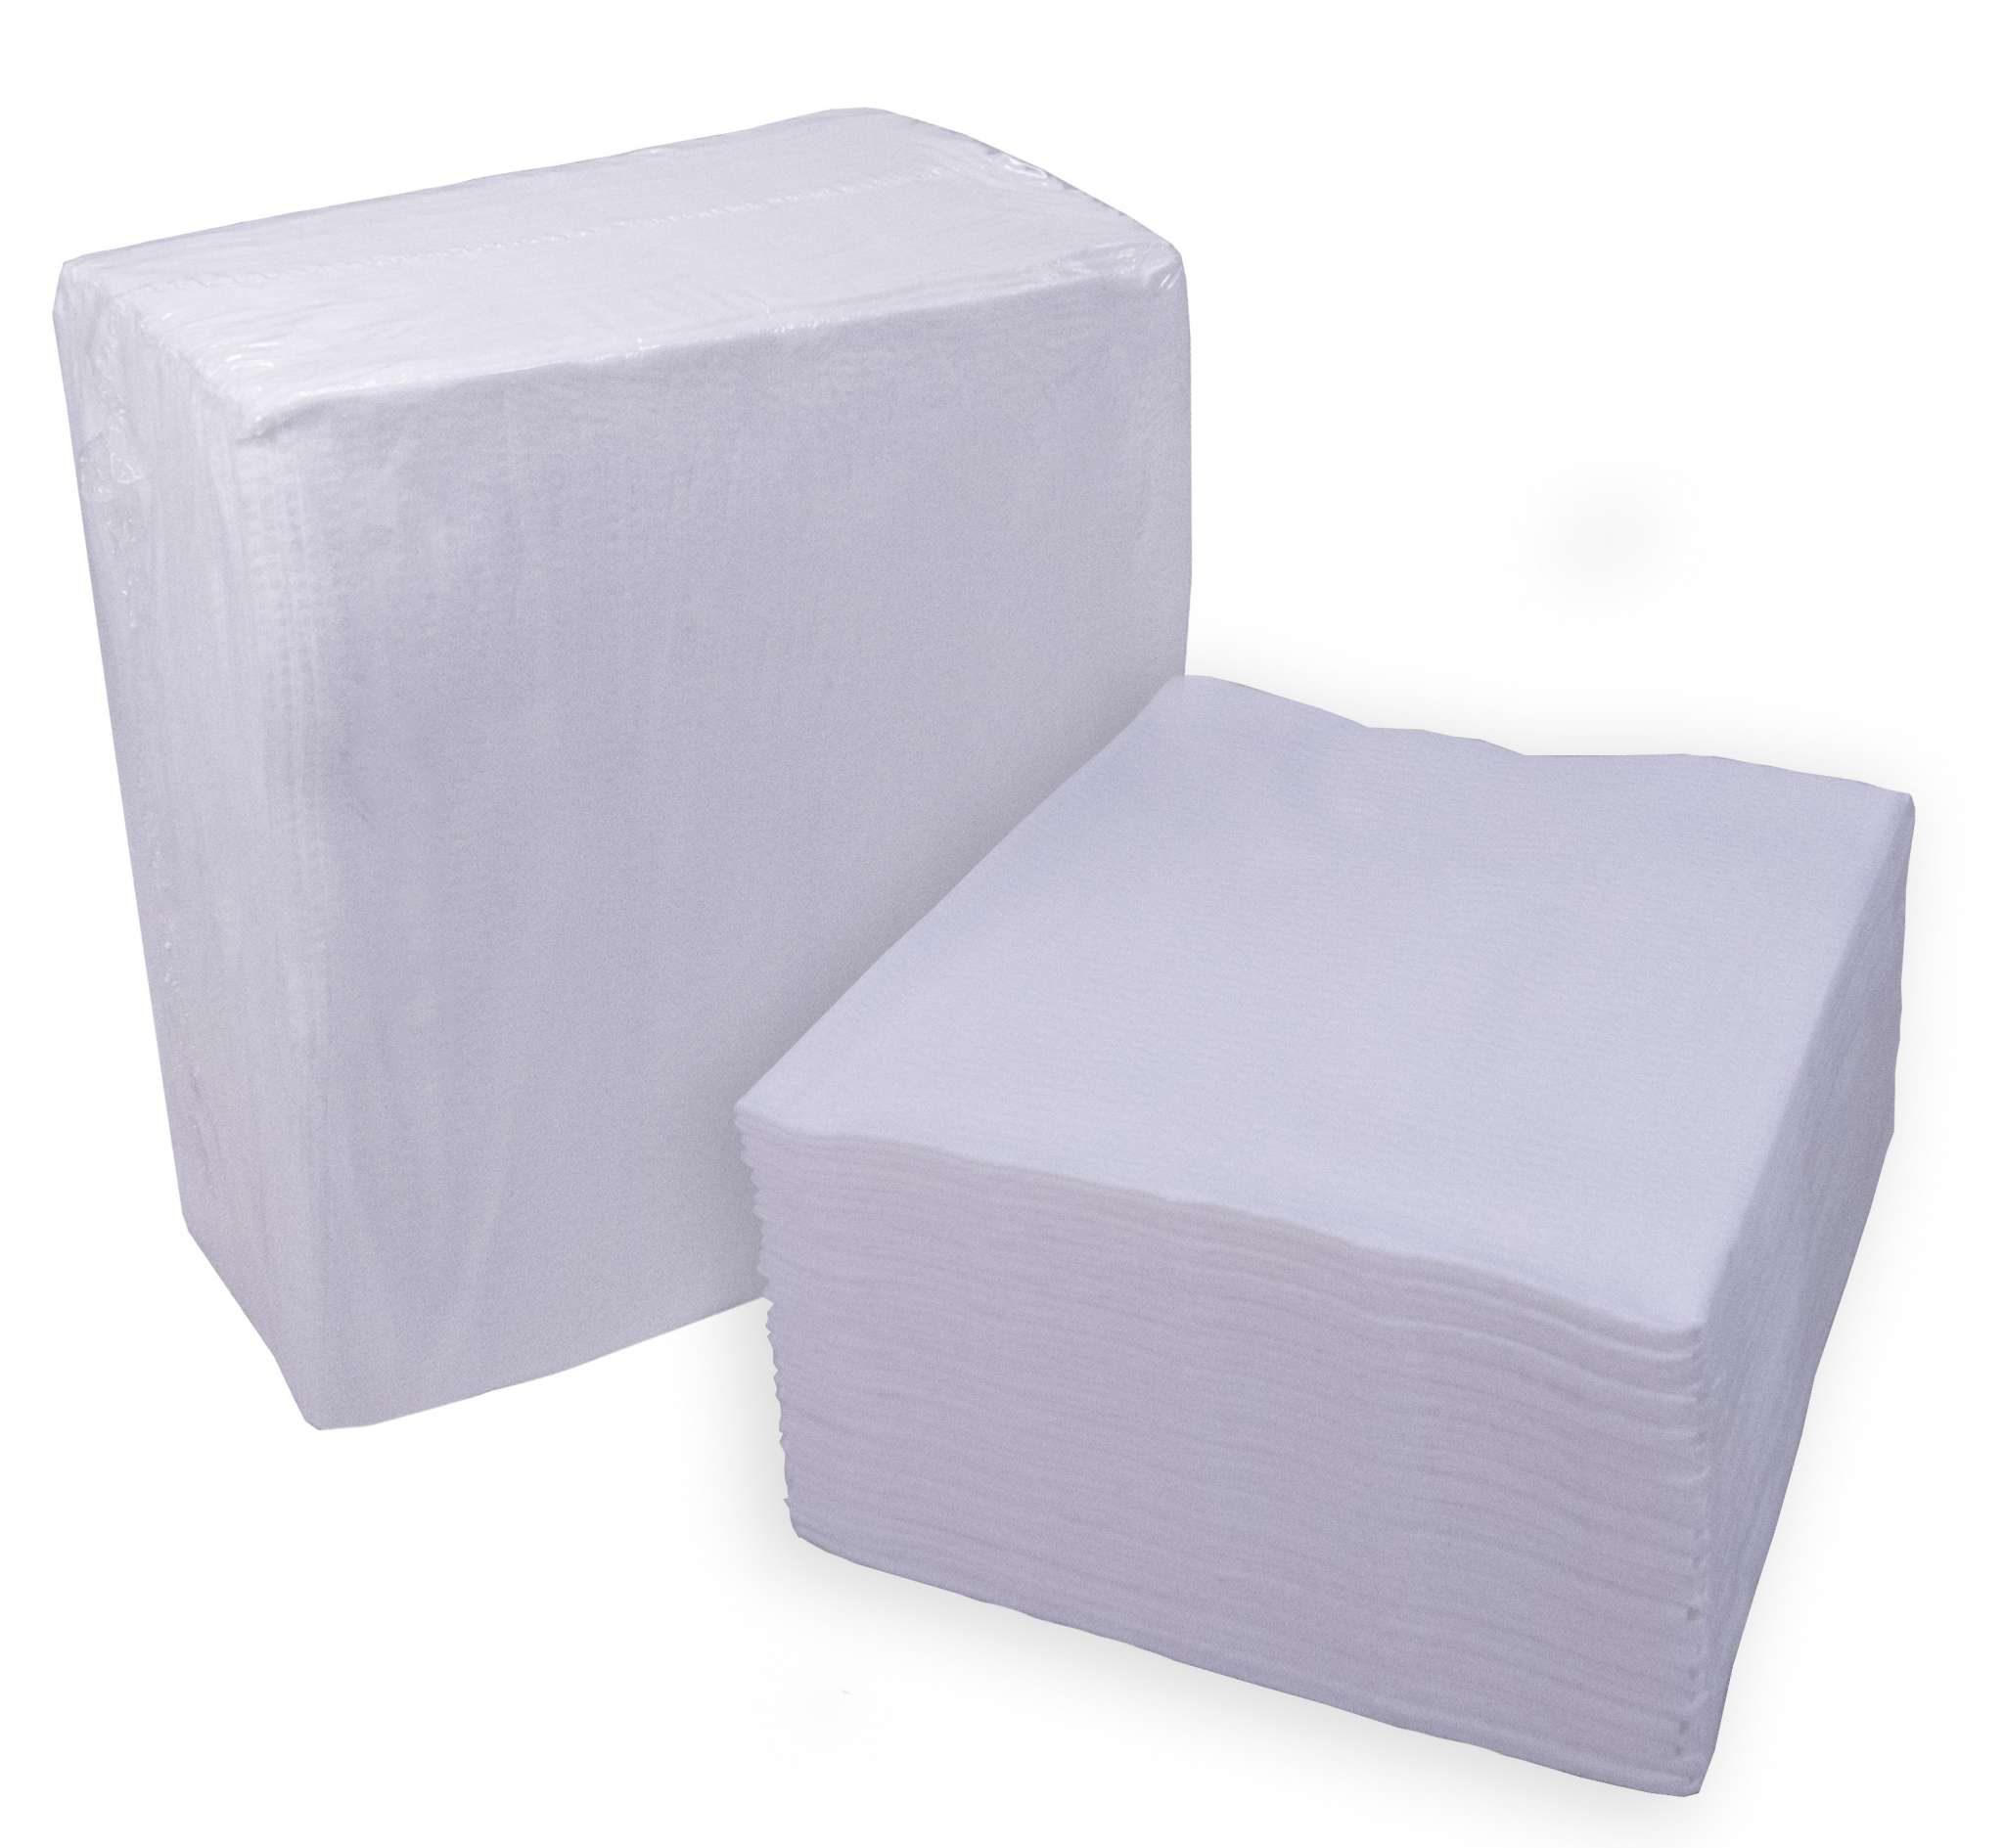 #08037 Sontex™ Inner Packaging